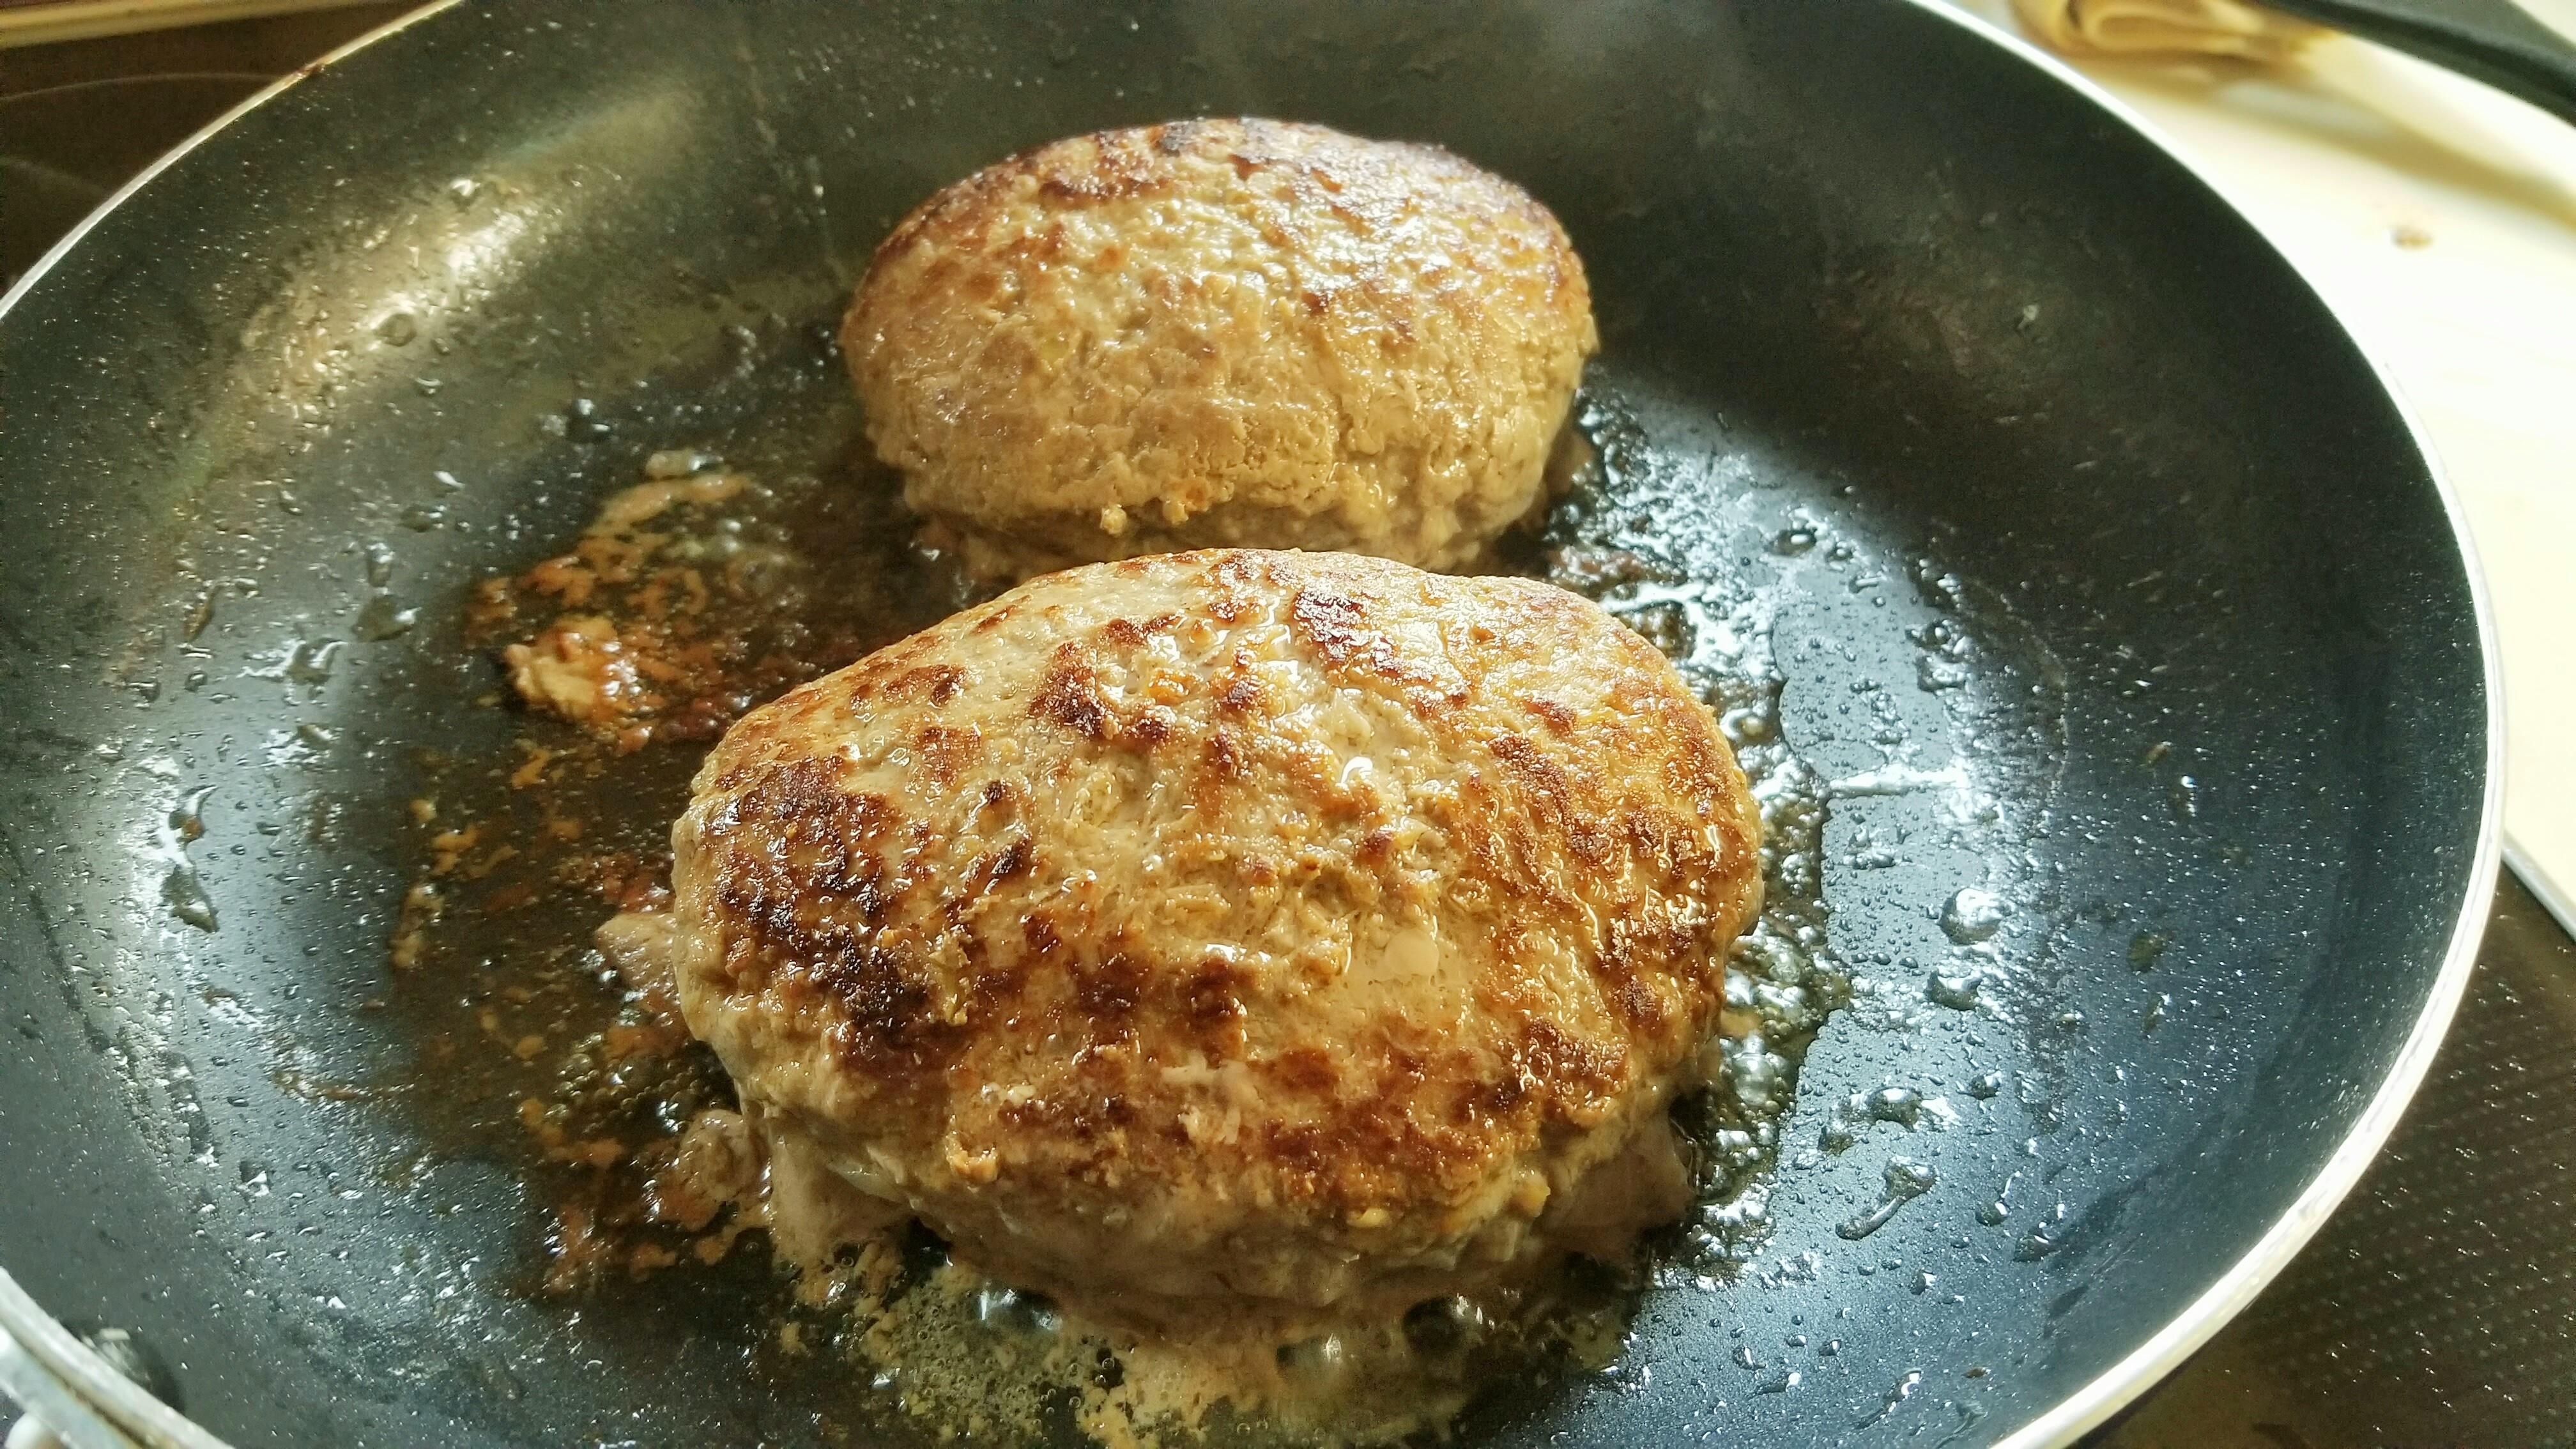 本格的なプロの味柔らかい手作りハンバーグ作りジューシー焼き方人気